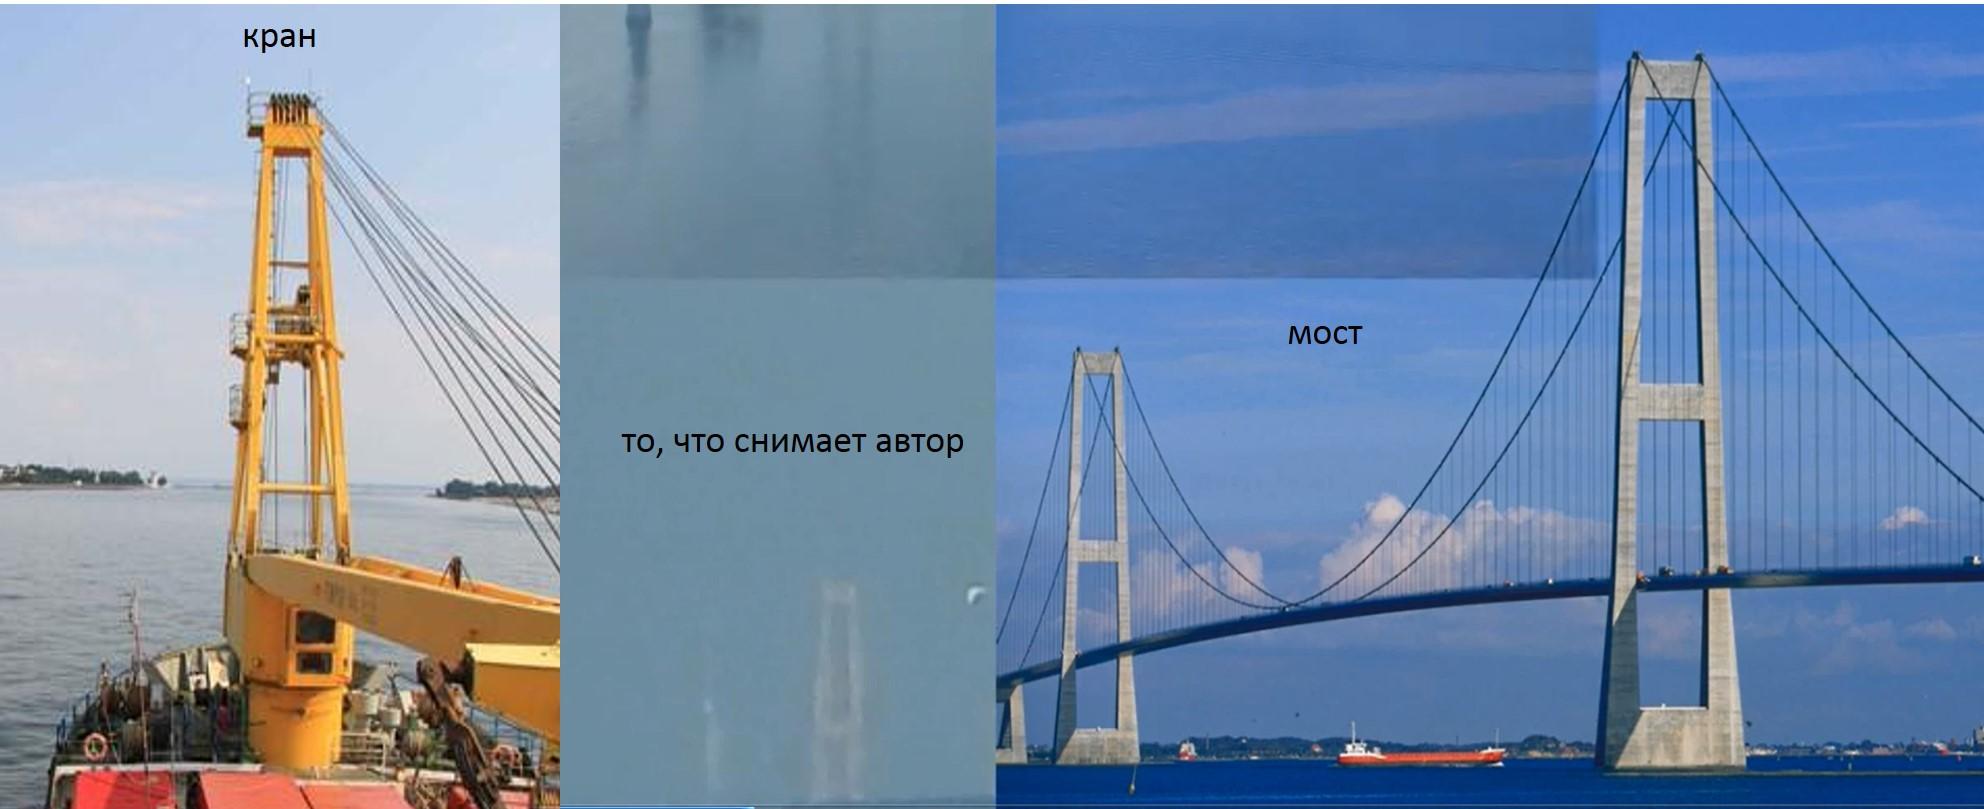 http://images.vfl.ru/ii/1567020478/518381bb/27689488.jpg